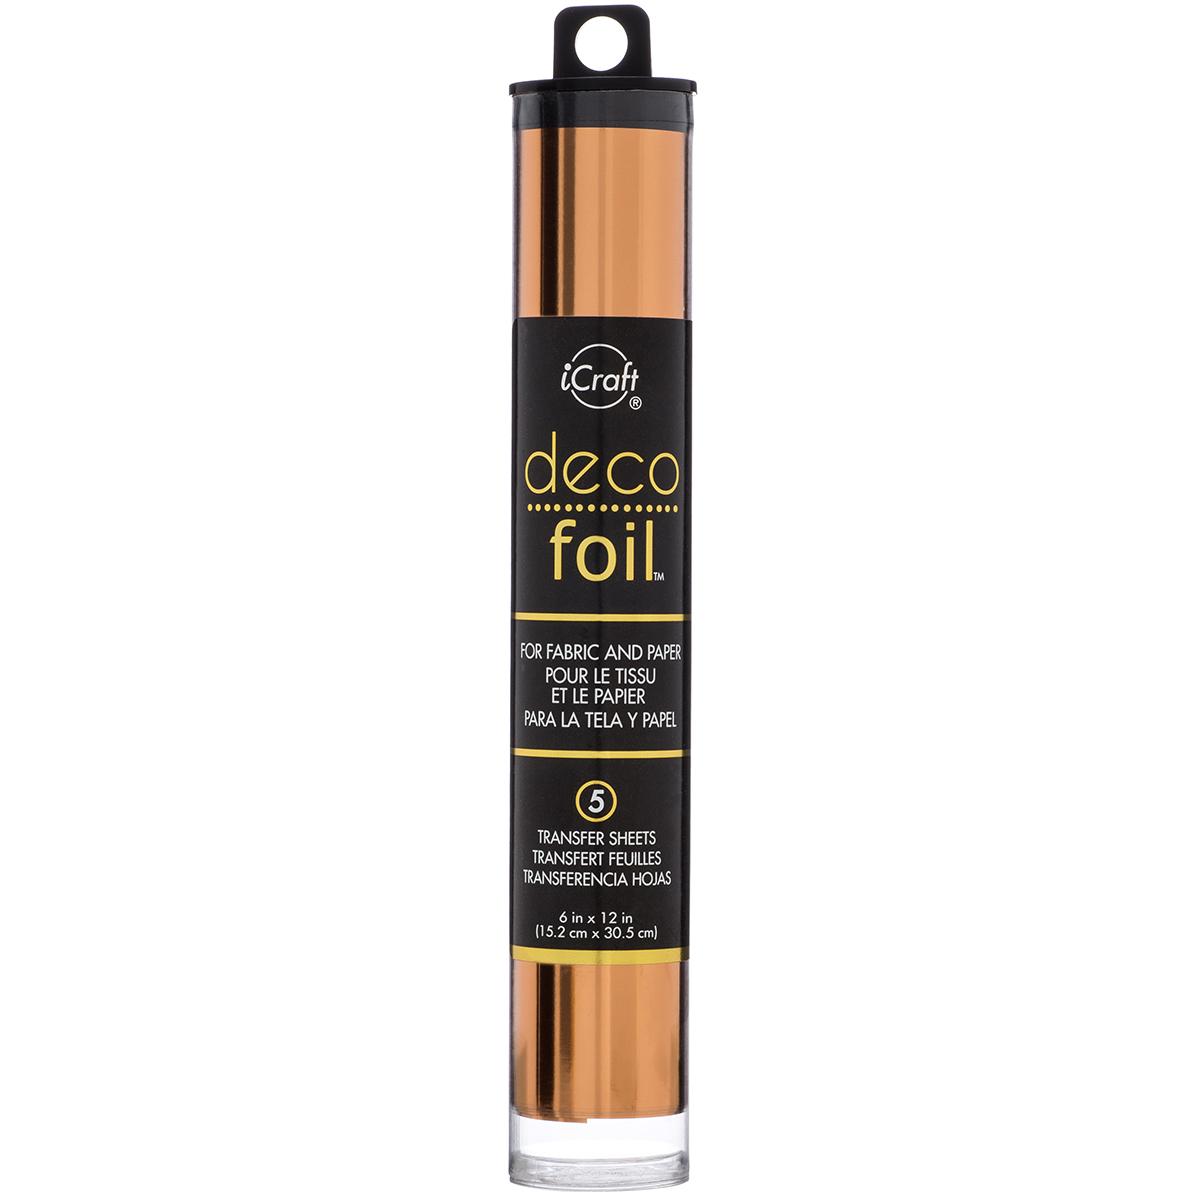 Deco Foil 6x12 Transfer Sheets - Copper, 5/Pkg